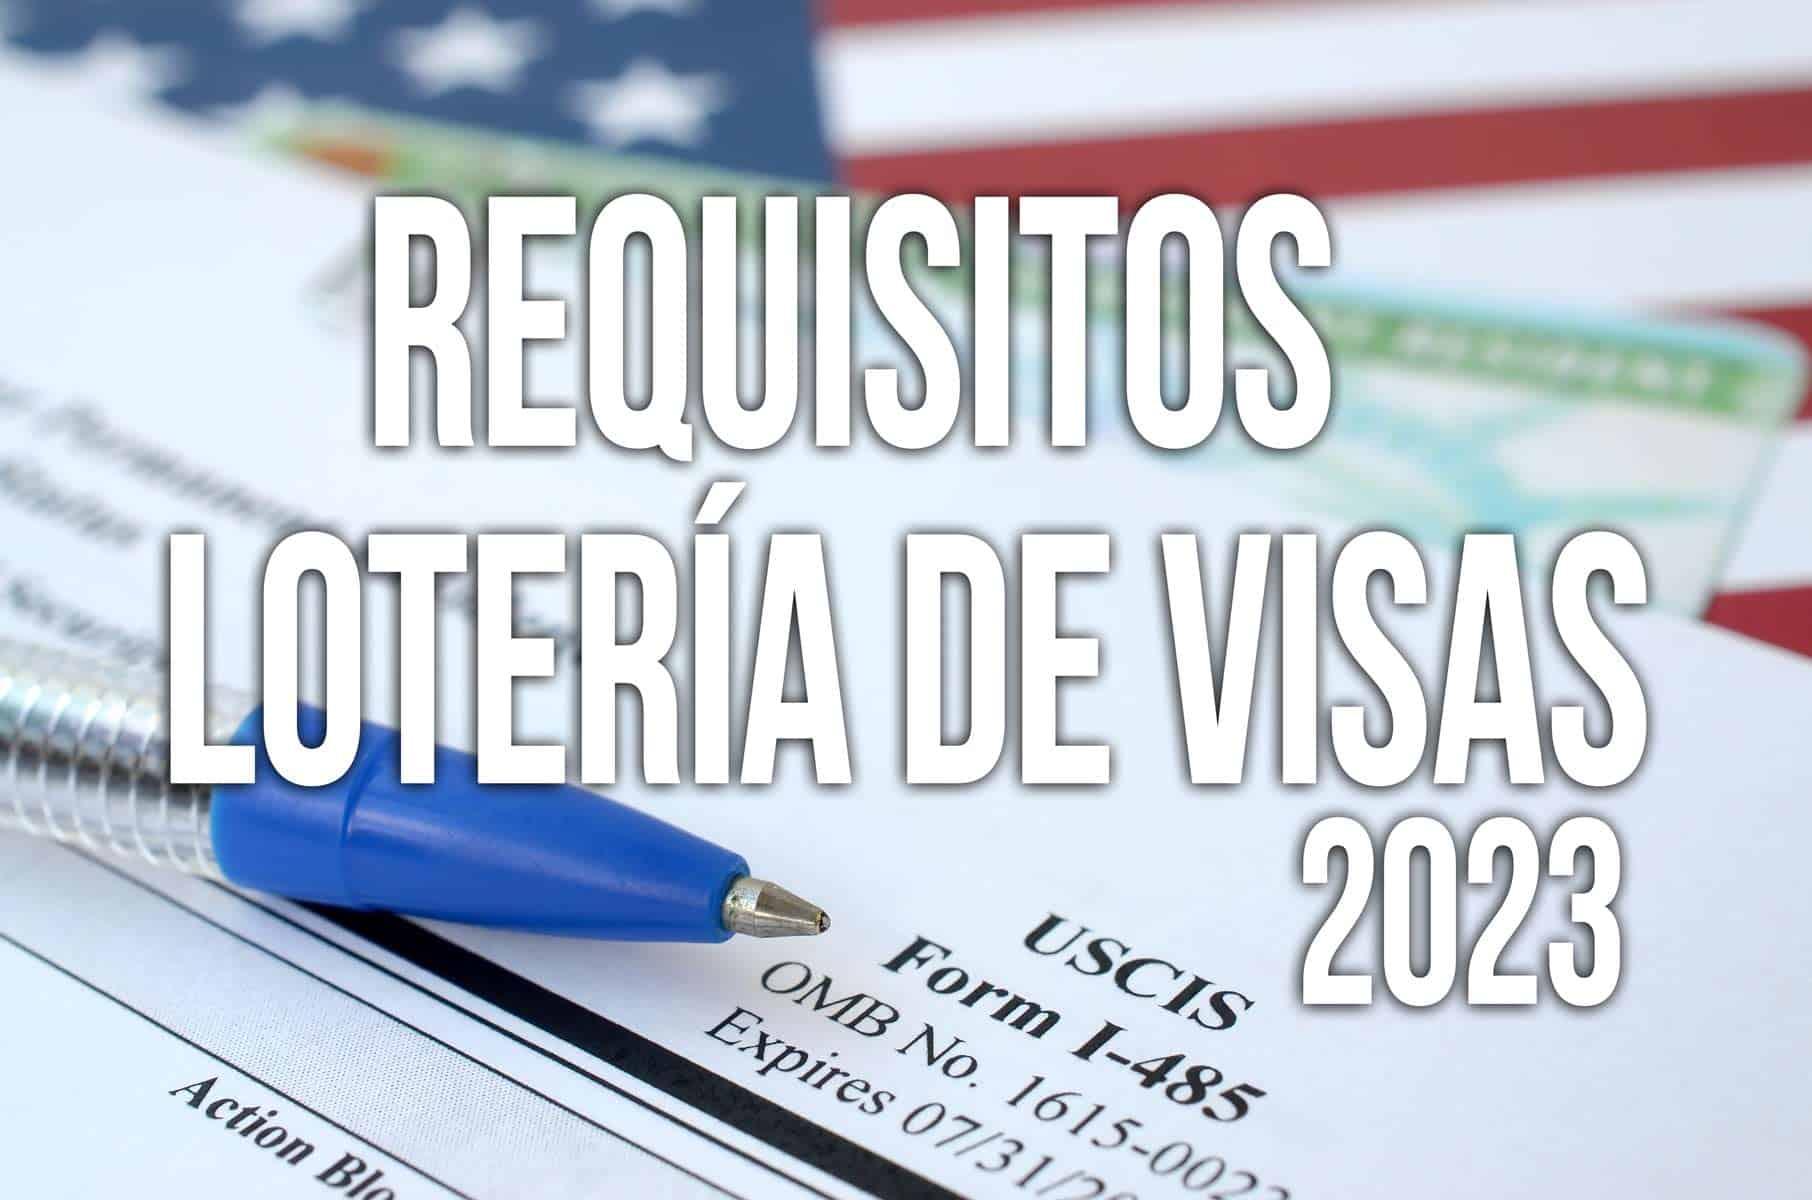 requisitos loteria de visas dv 2023